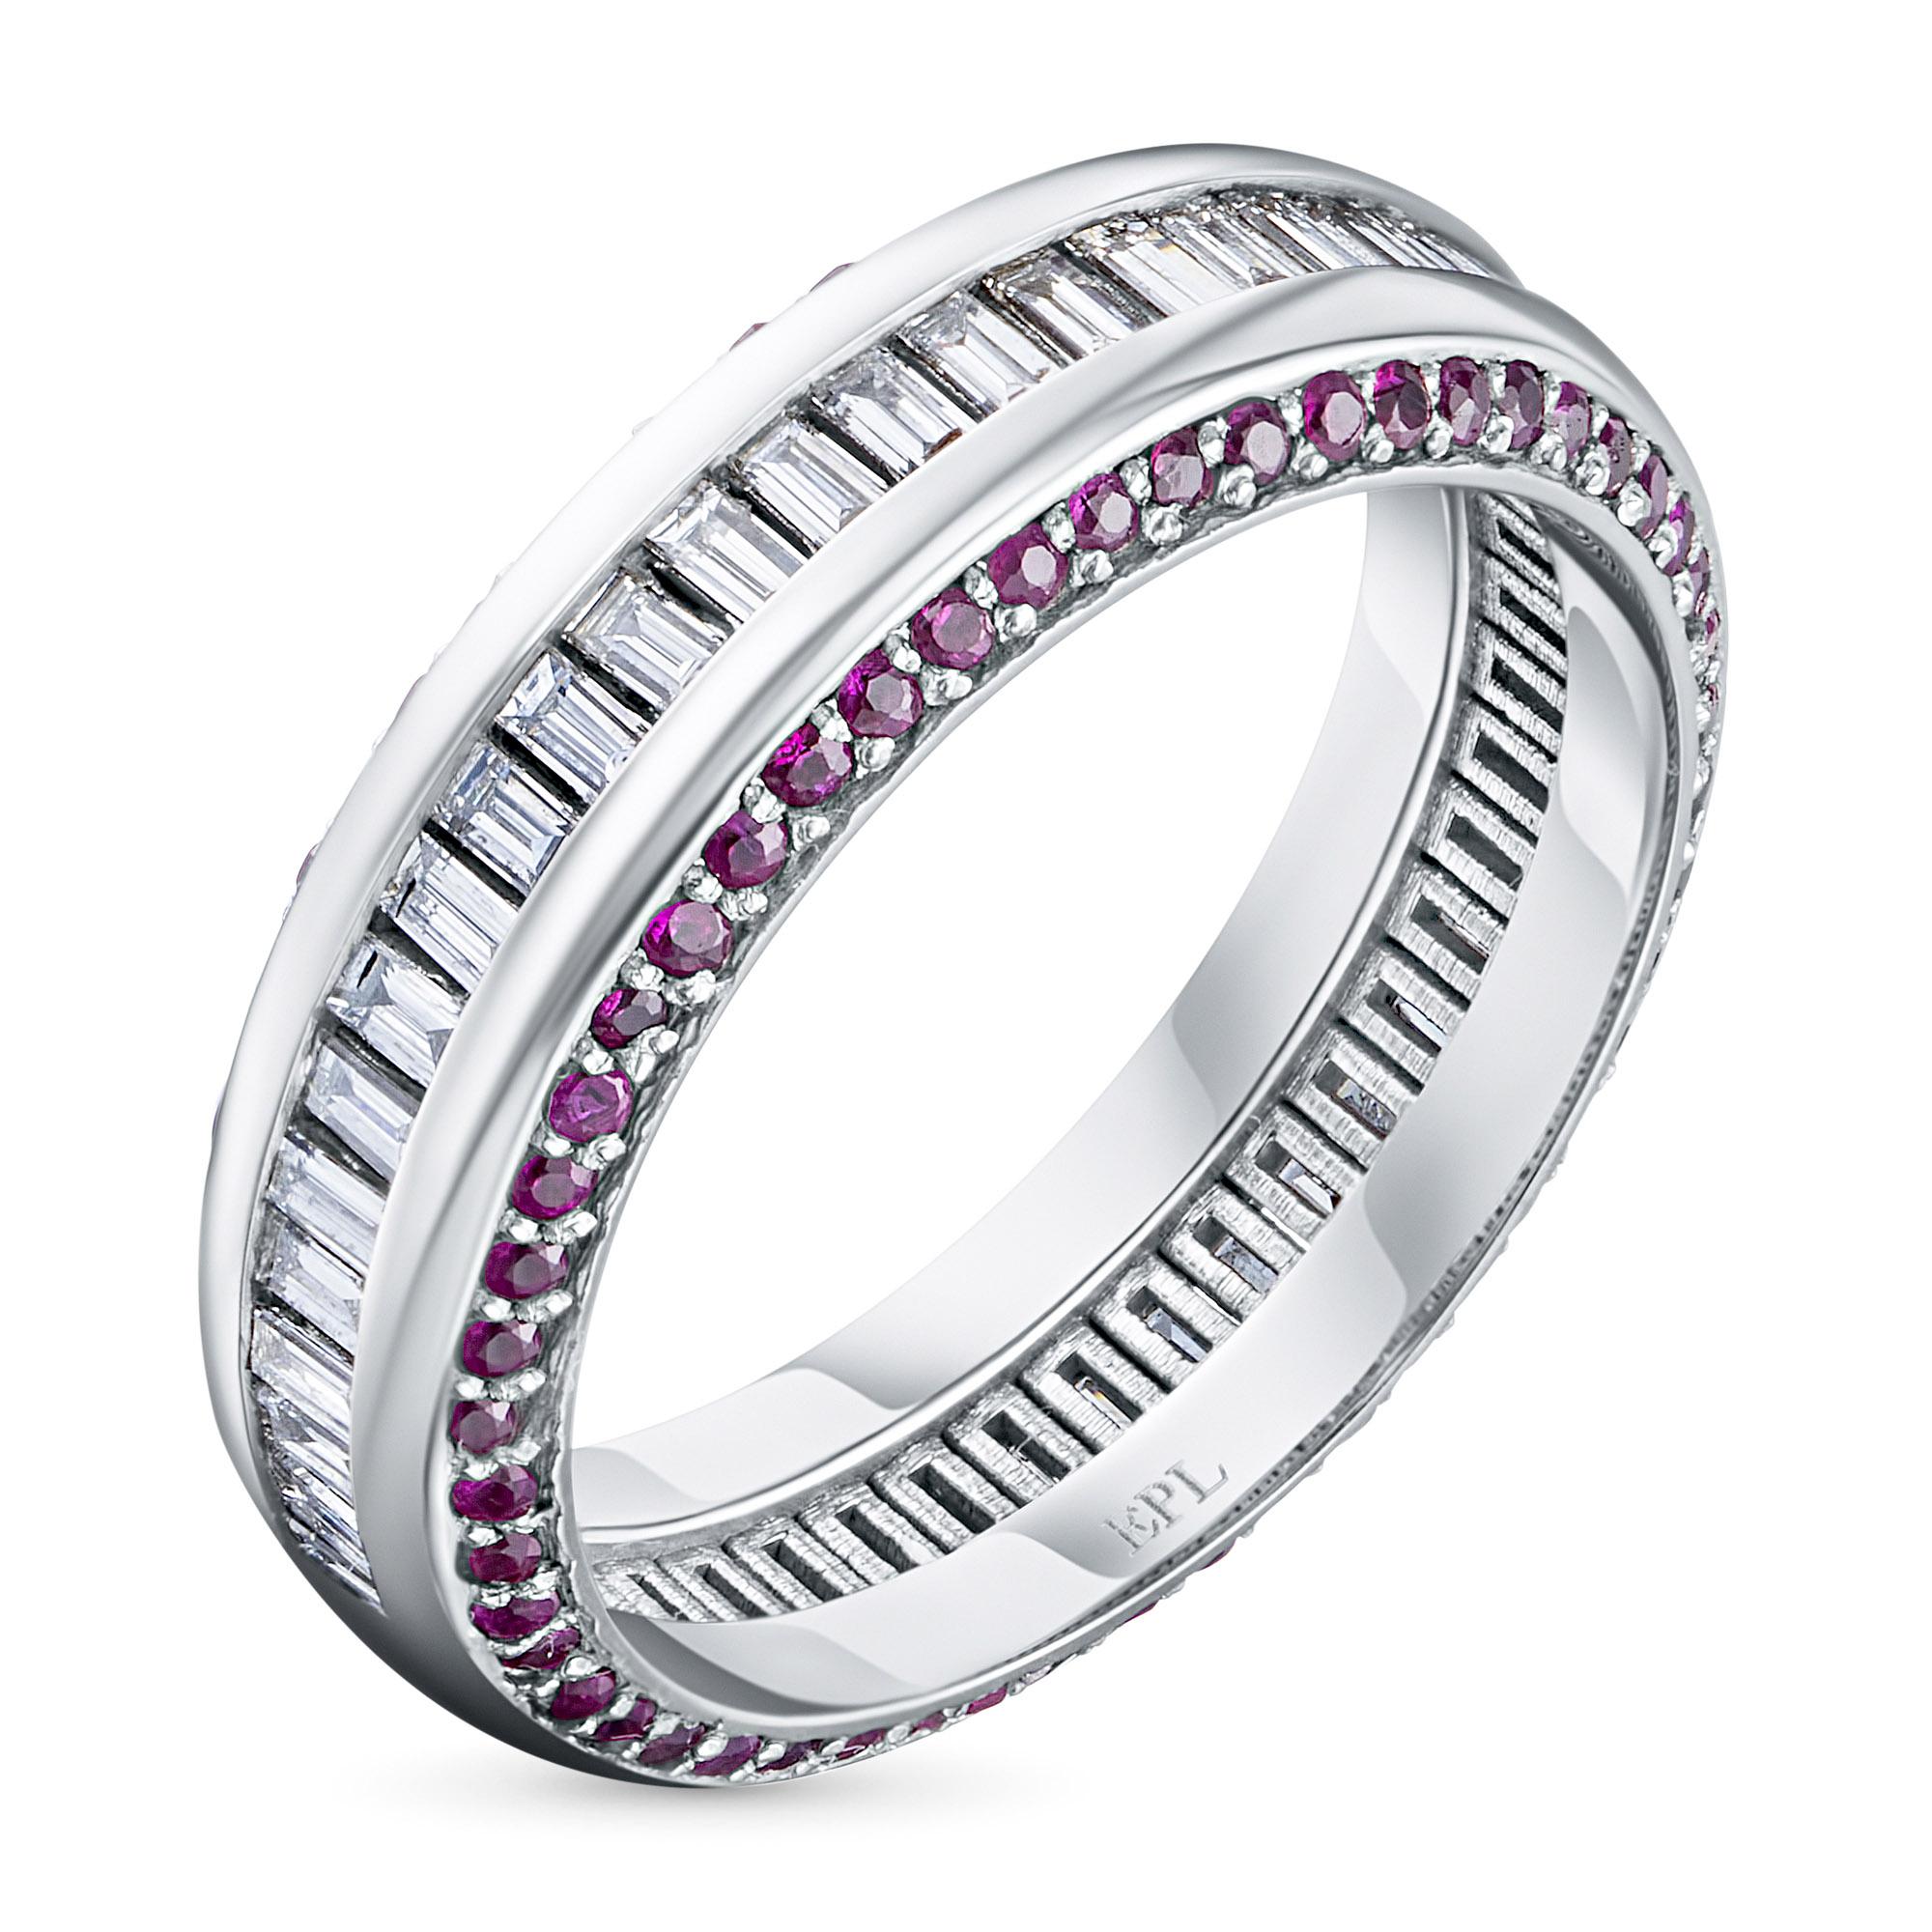 Кольцо из белого золота с рубином и бриллиантами э0939кц12200423